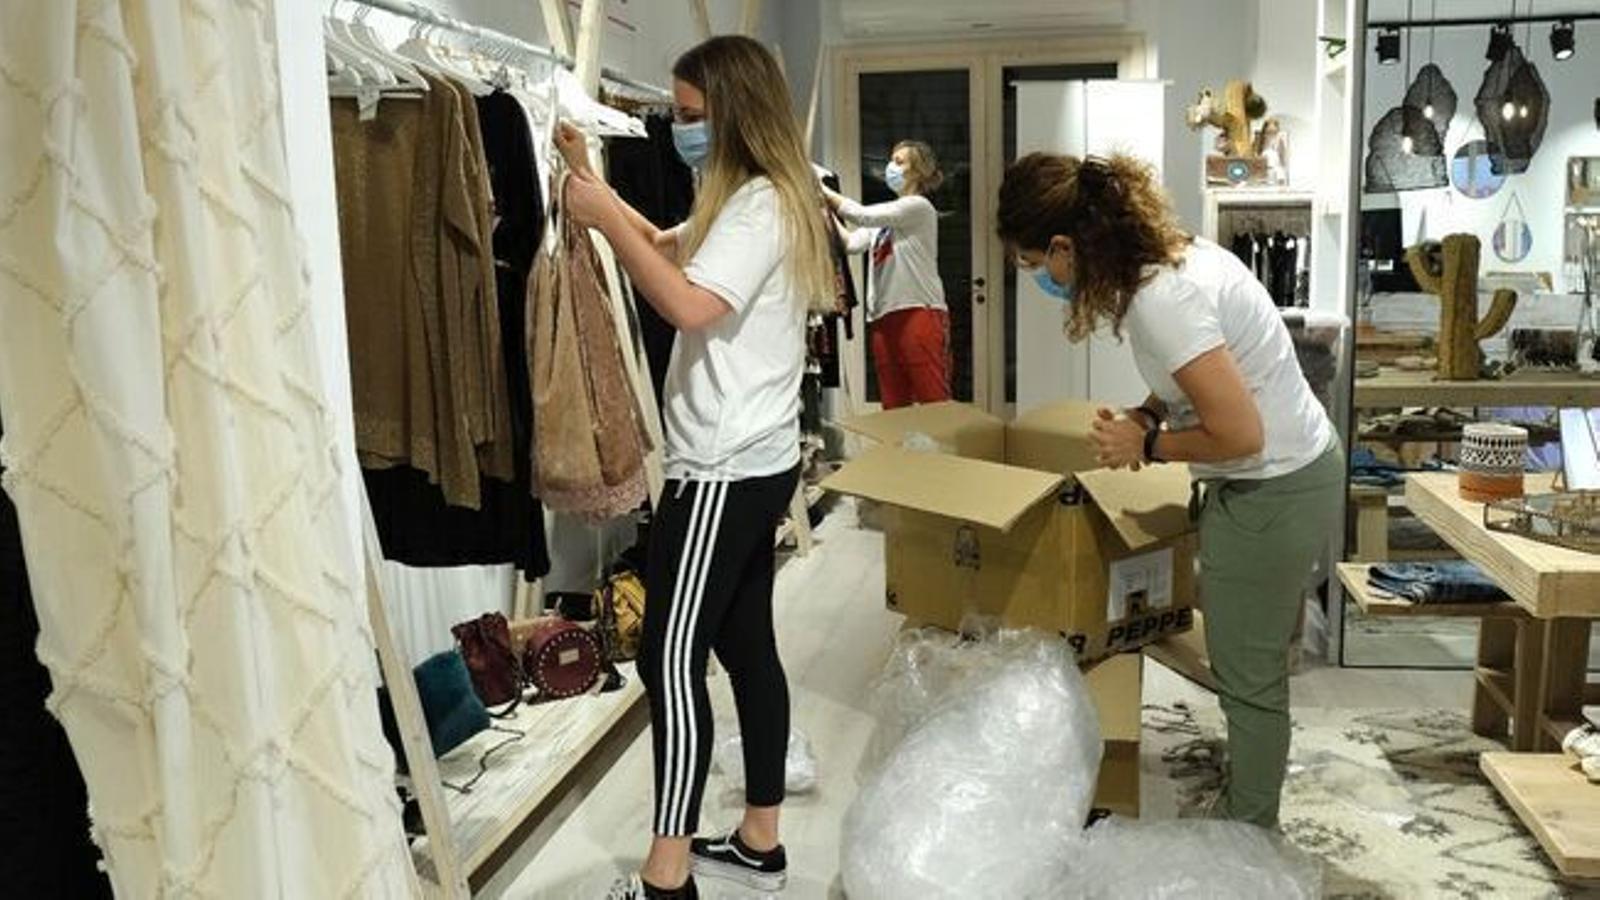 Treballadores en una botiga de roba.